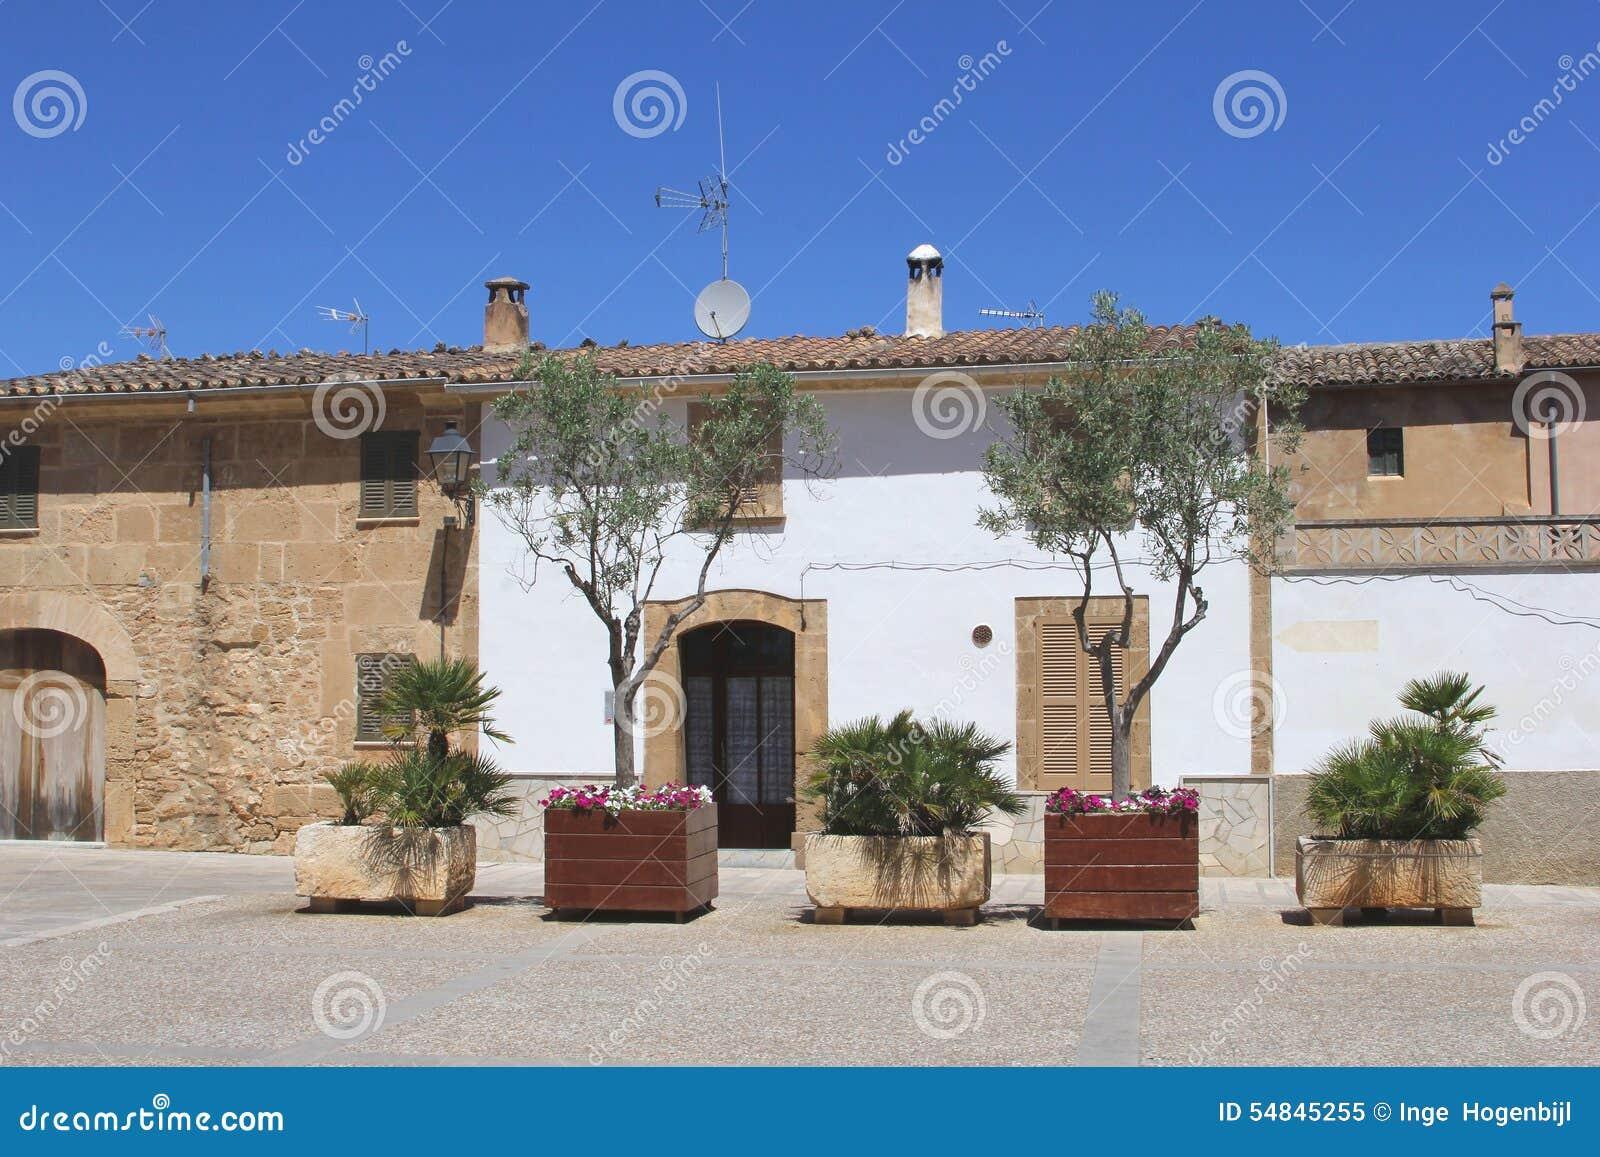 mediterrane huser - Mediterrane Huser